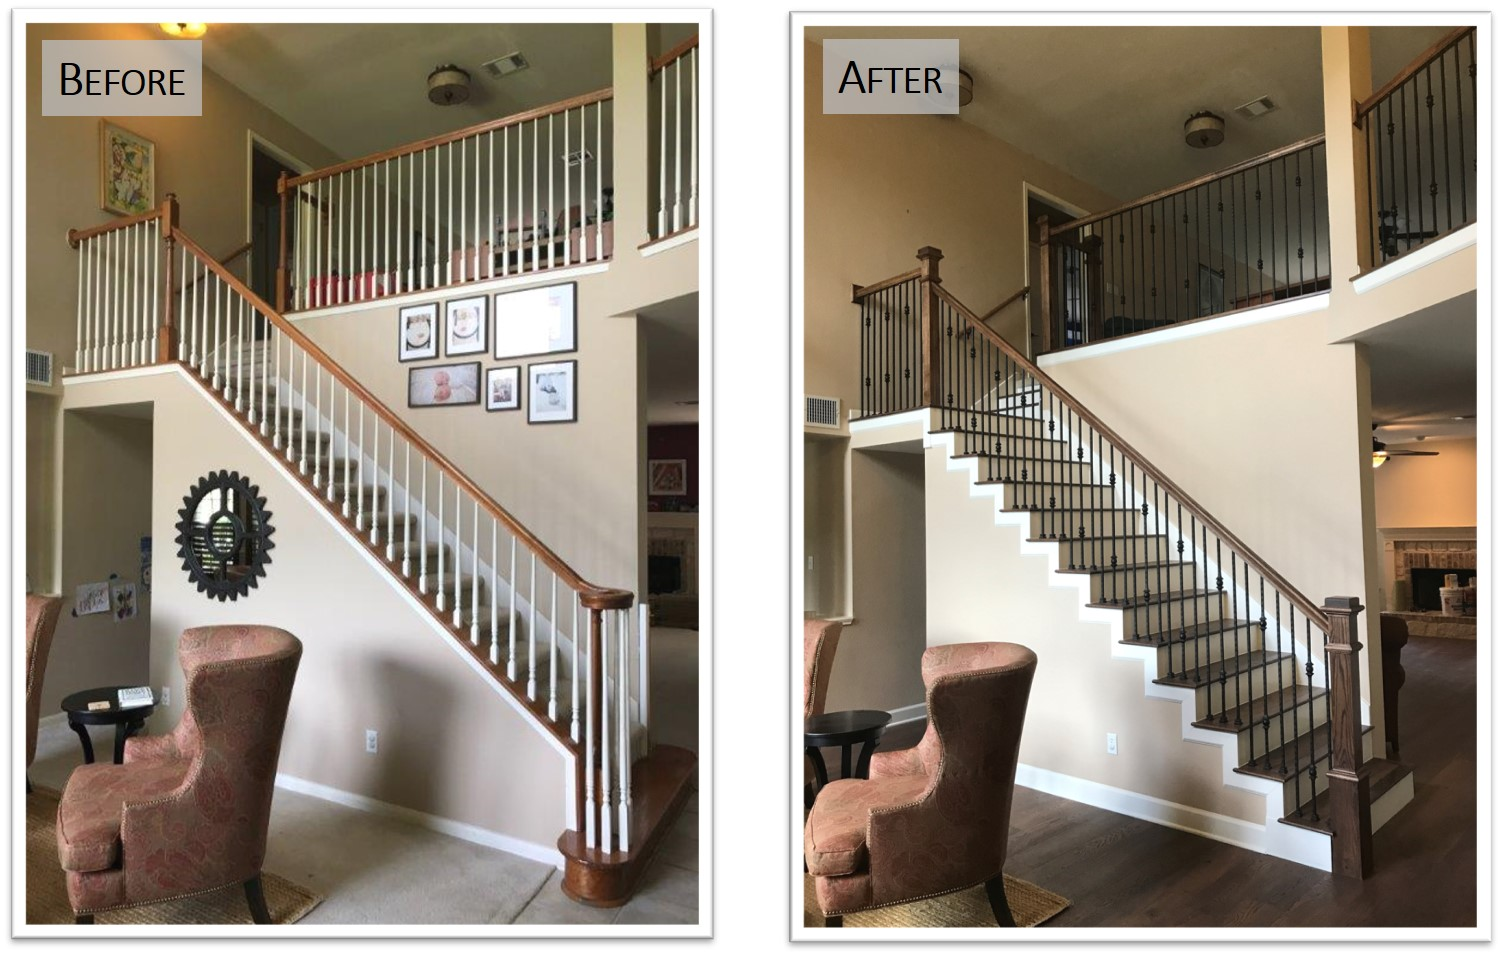 5109 JC, Stair, before after, Bear Creek Homes.jpg